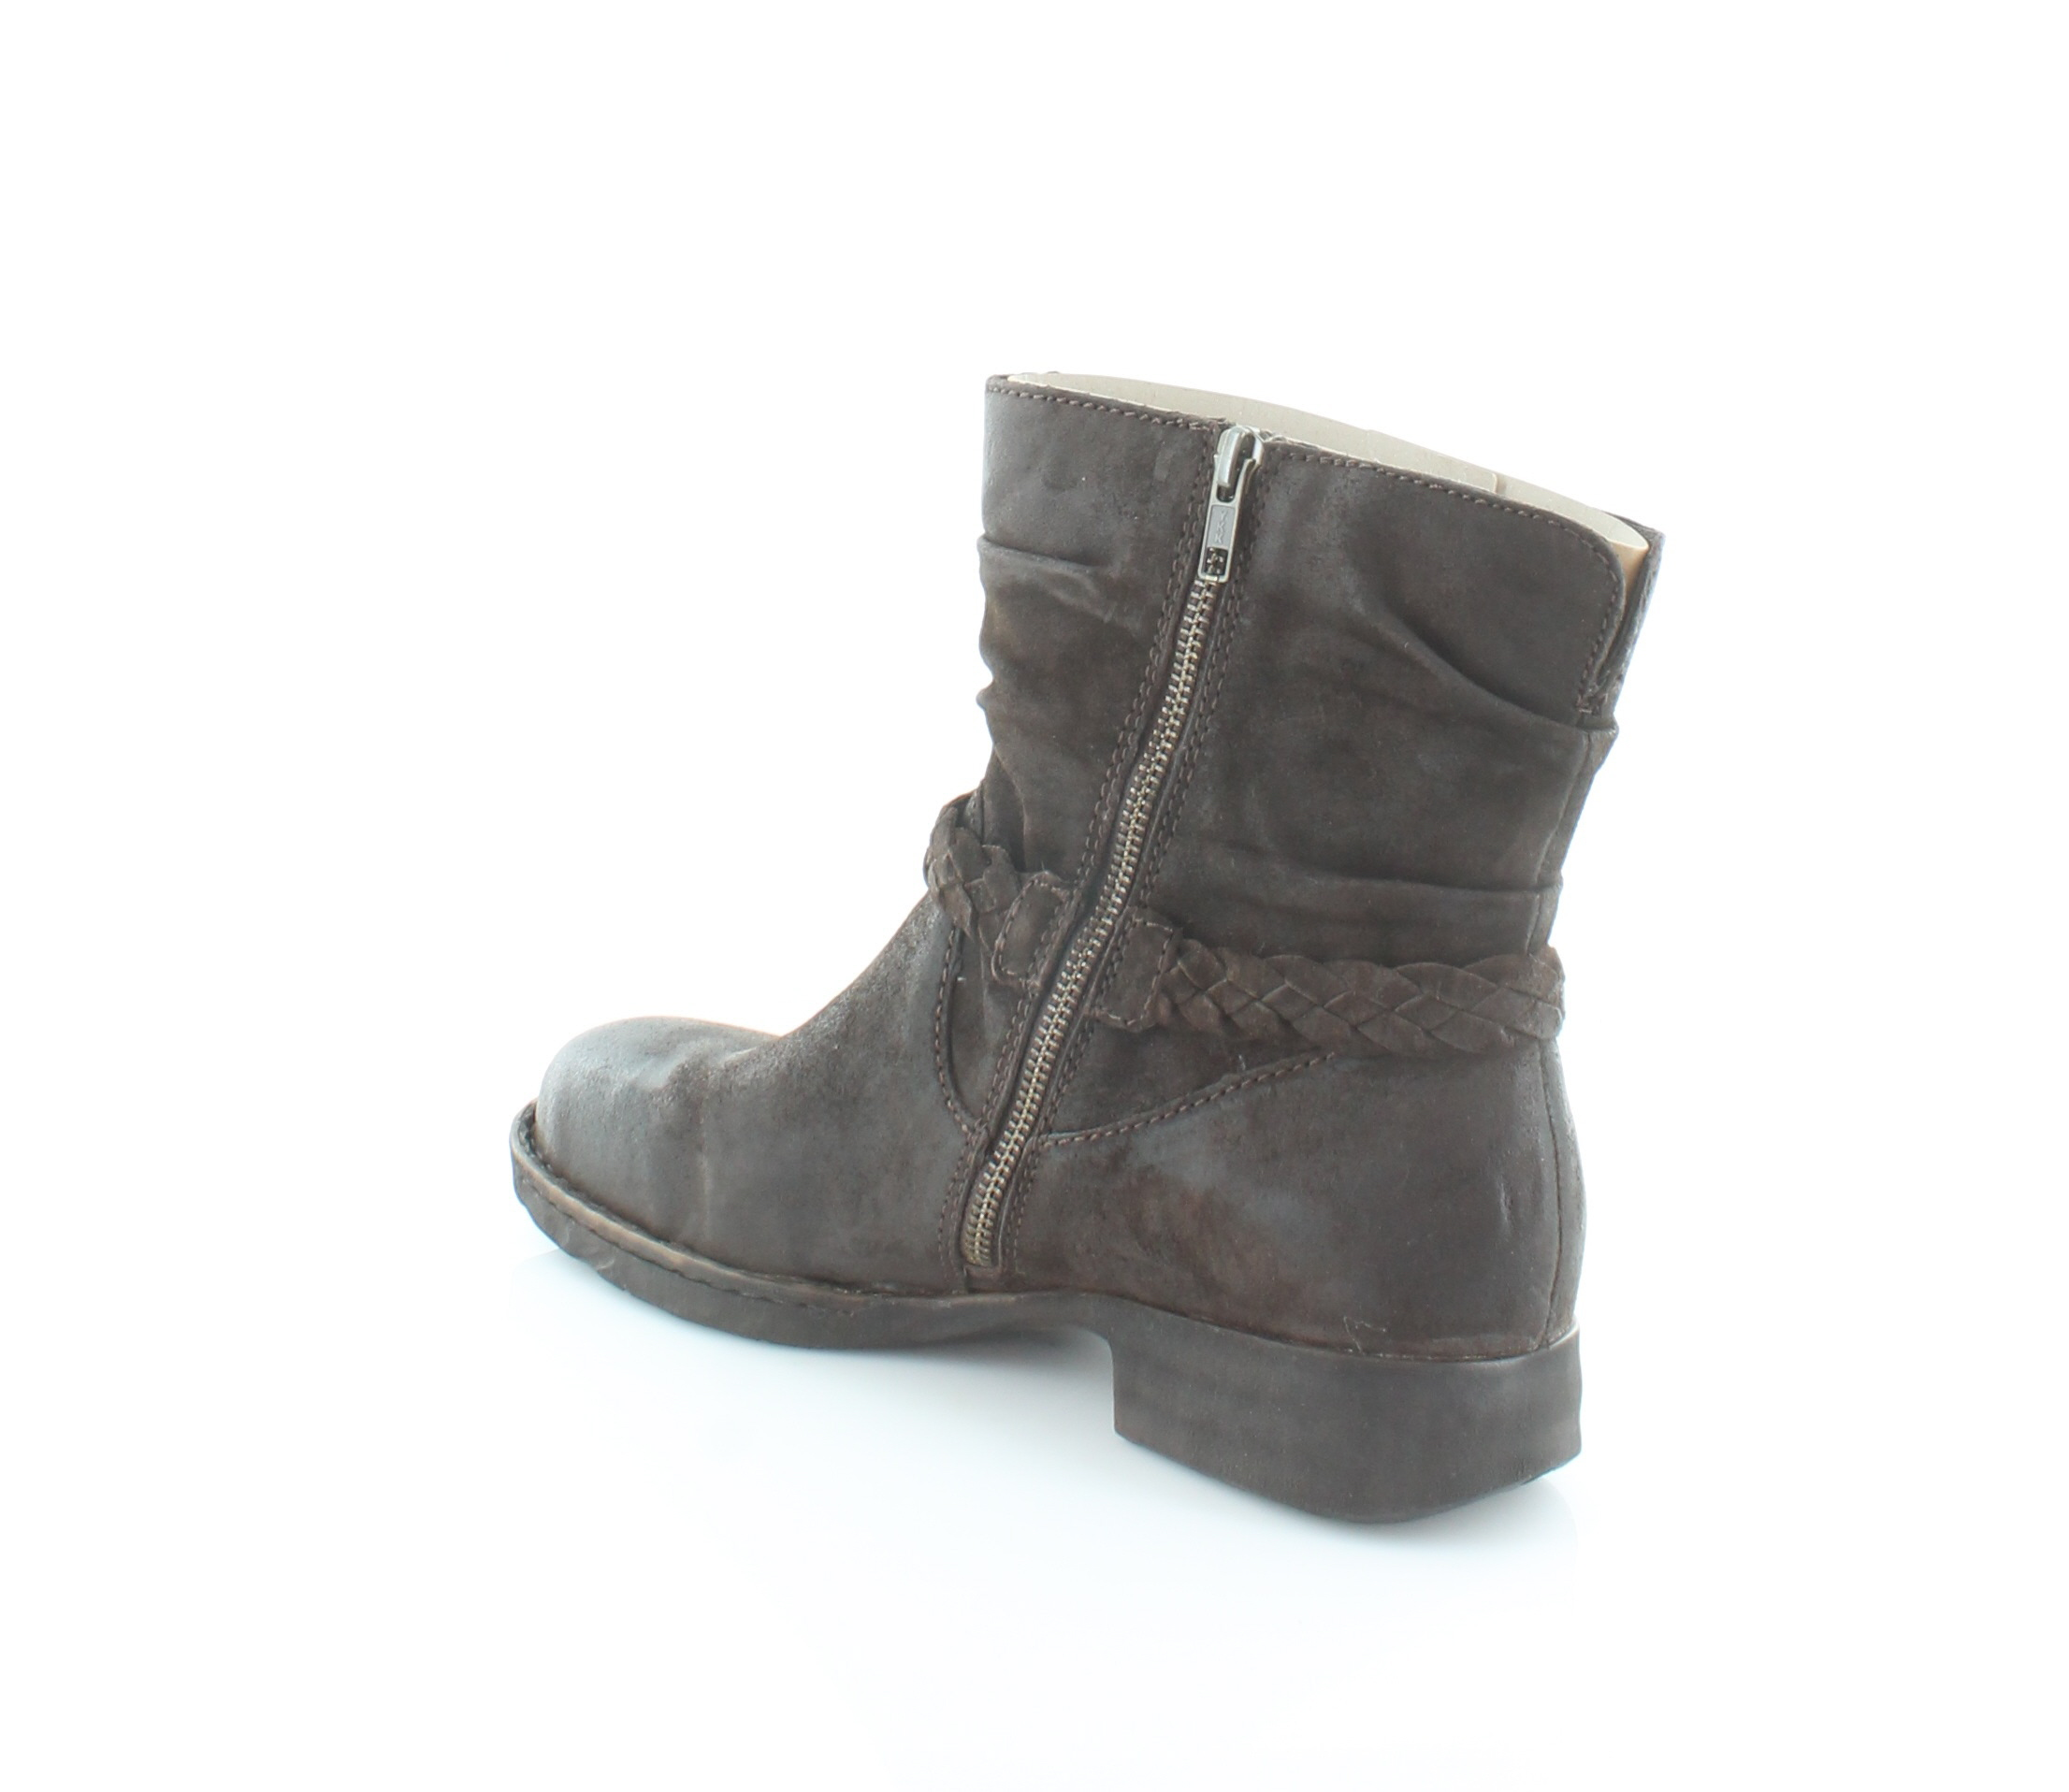 Nacido Abernath botas Mujer Marrón Oscuro Oscuro Oscuro e6b31c